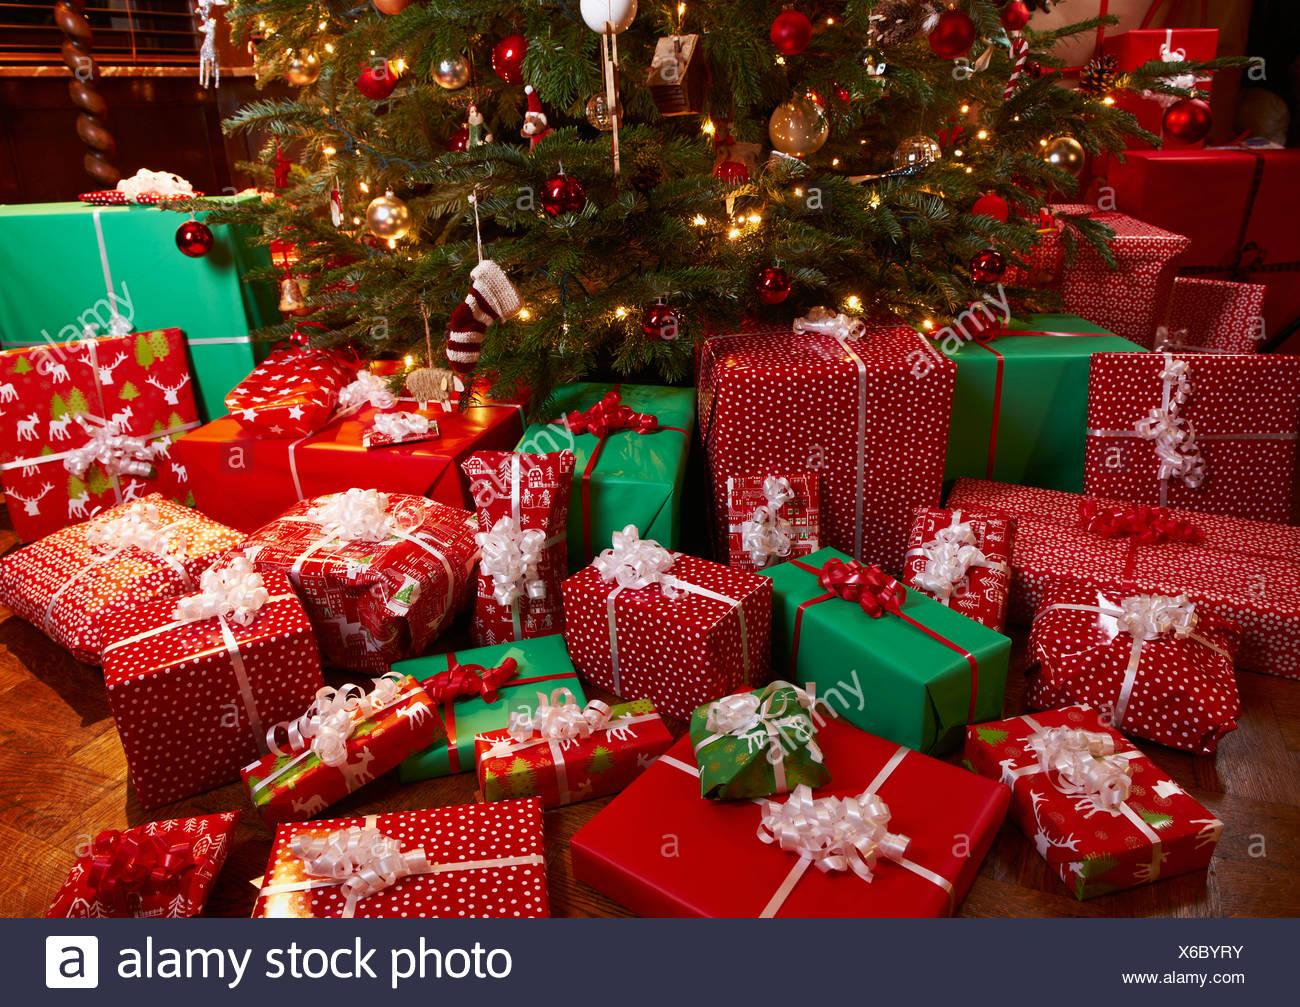 Weihnachtsgeschenke unter Baum Stockfoto, Bild: 279317135 - Alamy